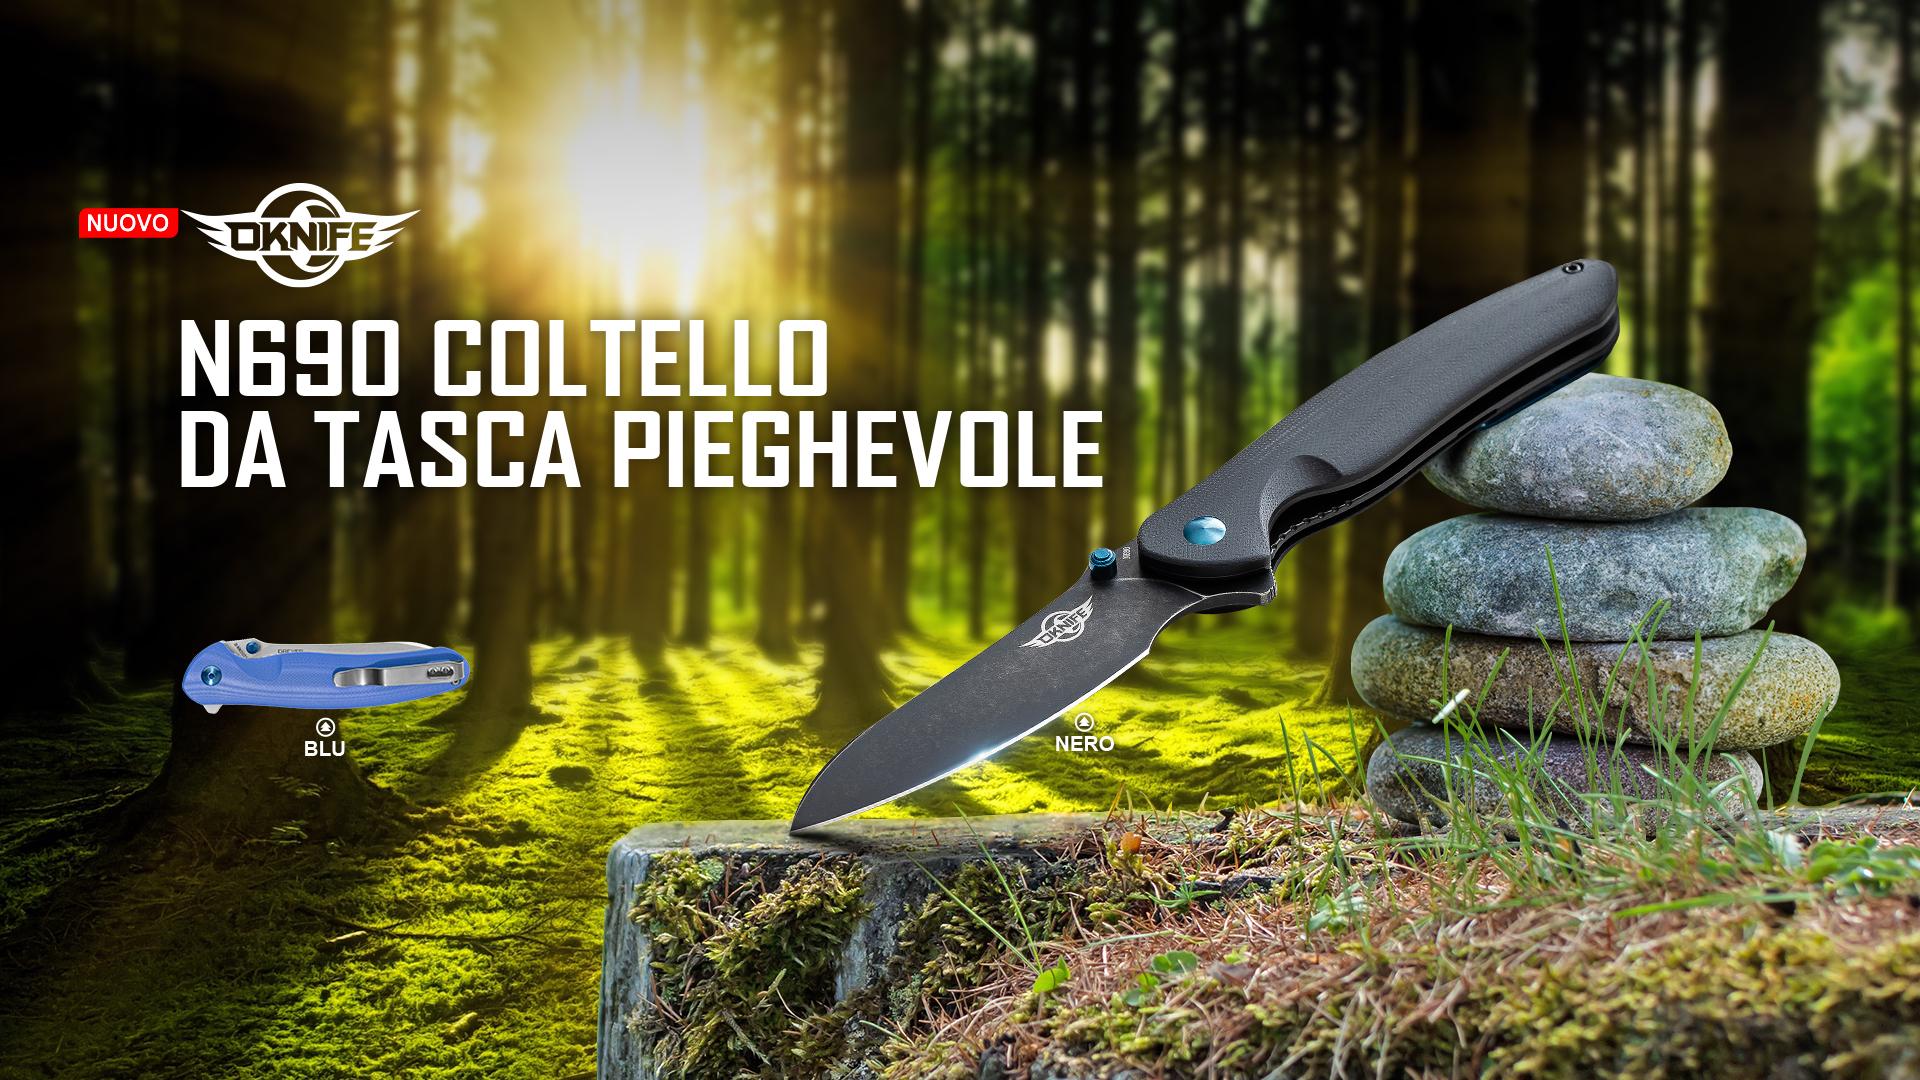 Olight Oknife Drever,Coltello Da Tasca Pieghevole,Olight Coltello,Coltelli